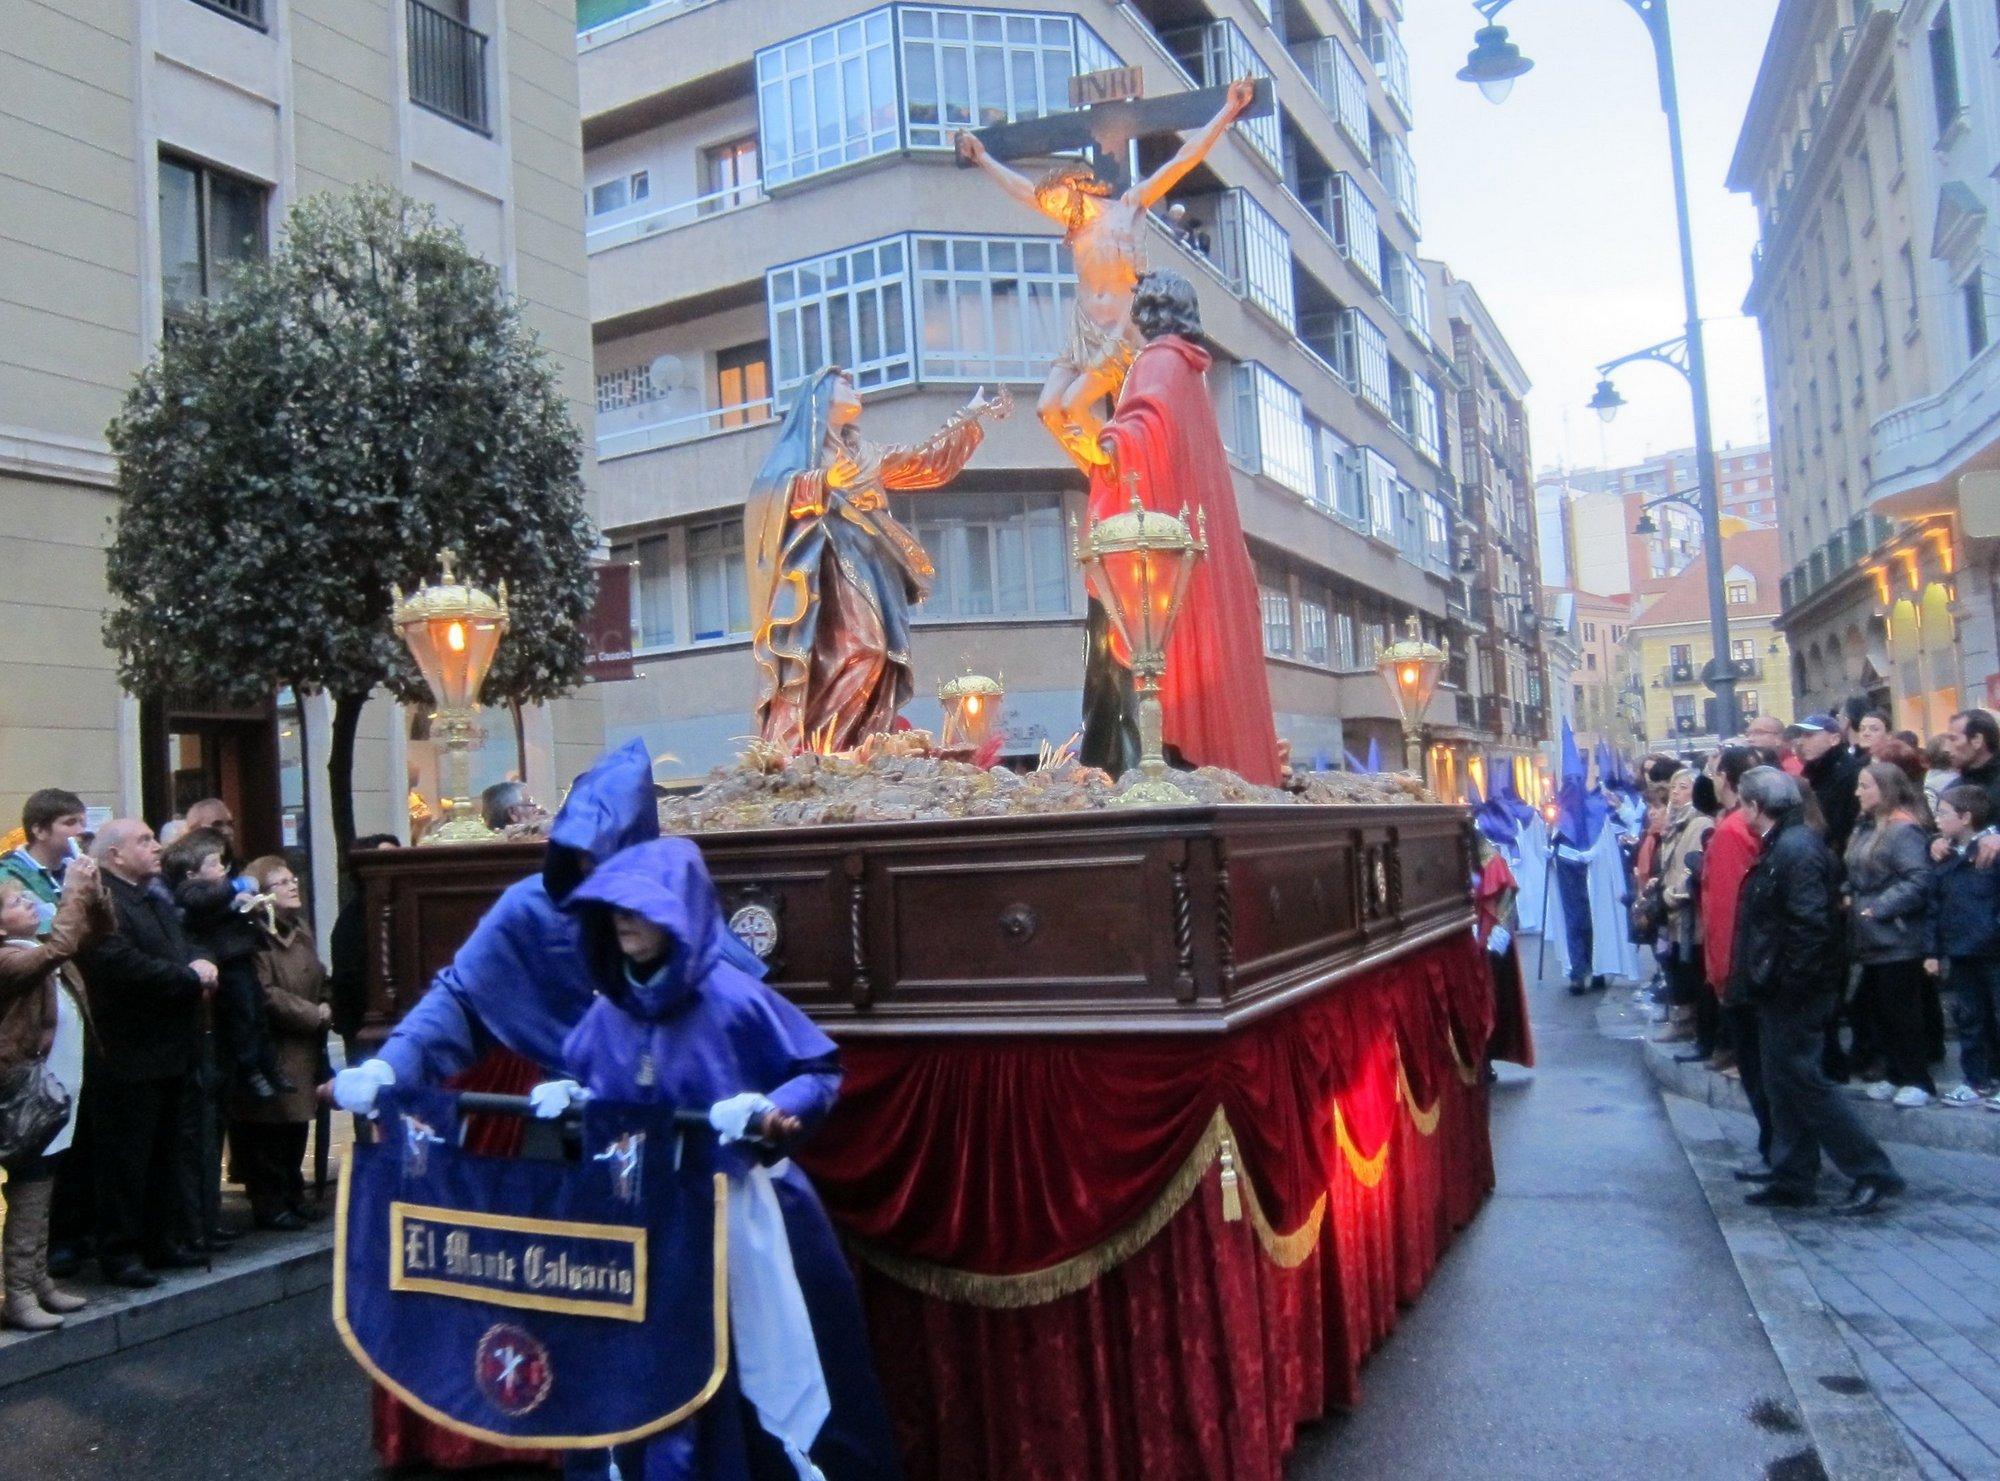 Suspendidas todas las procesiones previstas para la mañana y la tarde del Jueves Santo en Valladolid